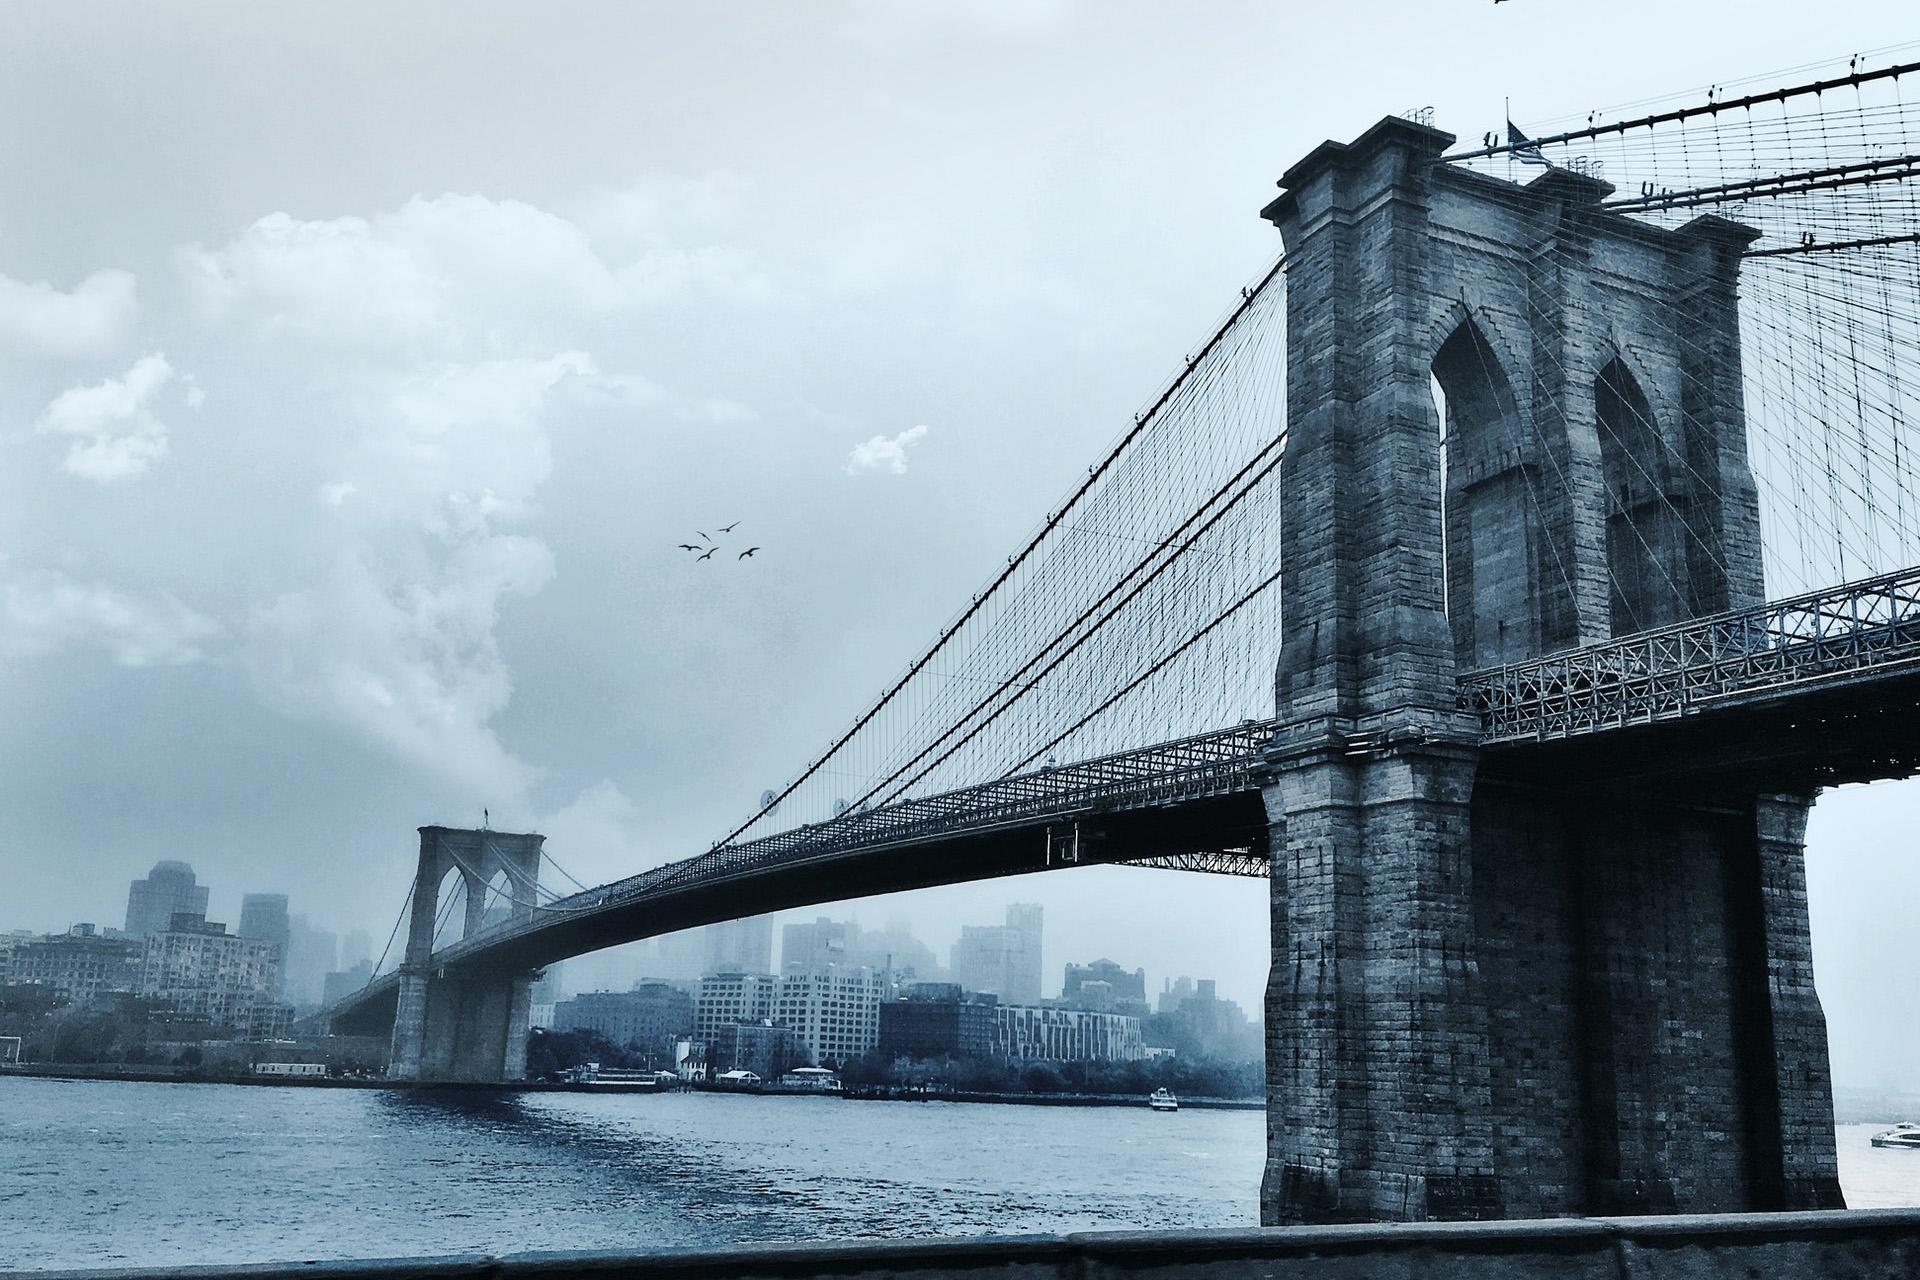 Cosa fare a New York quando piove?